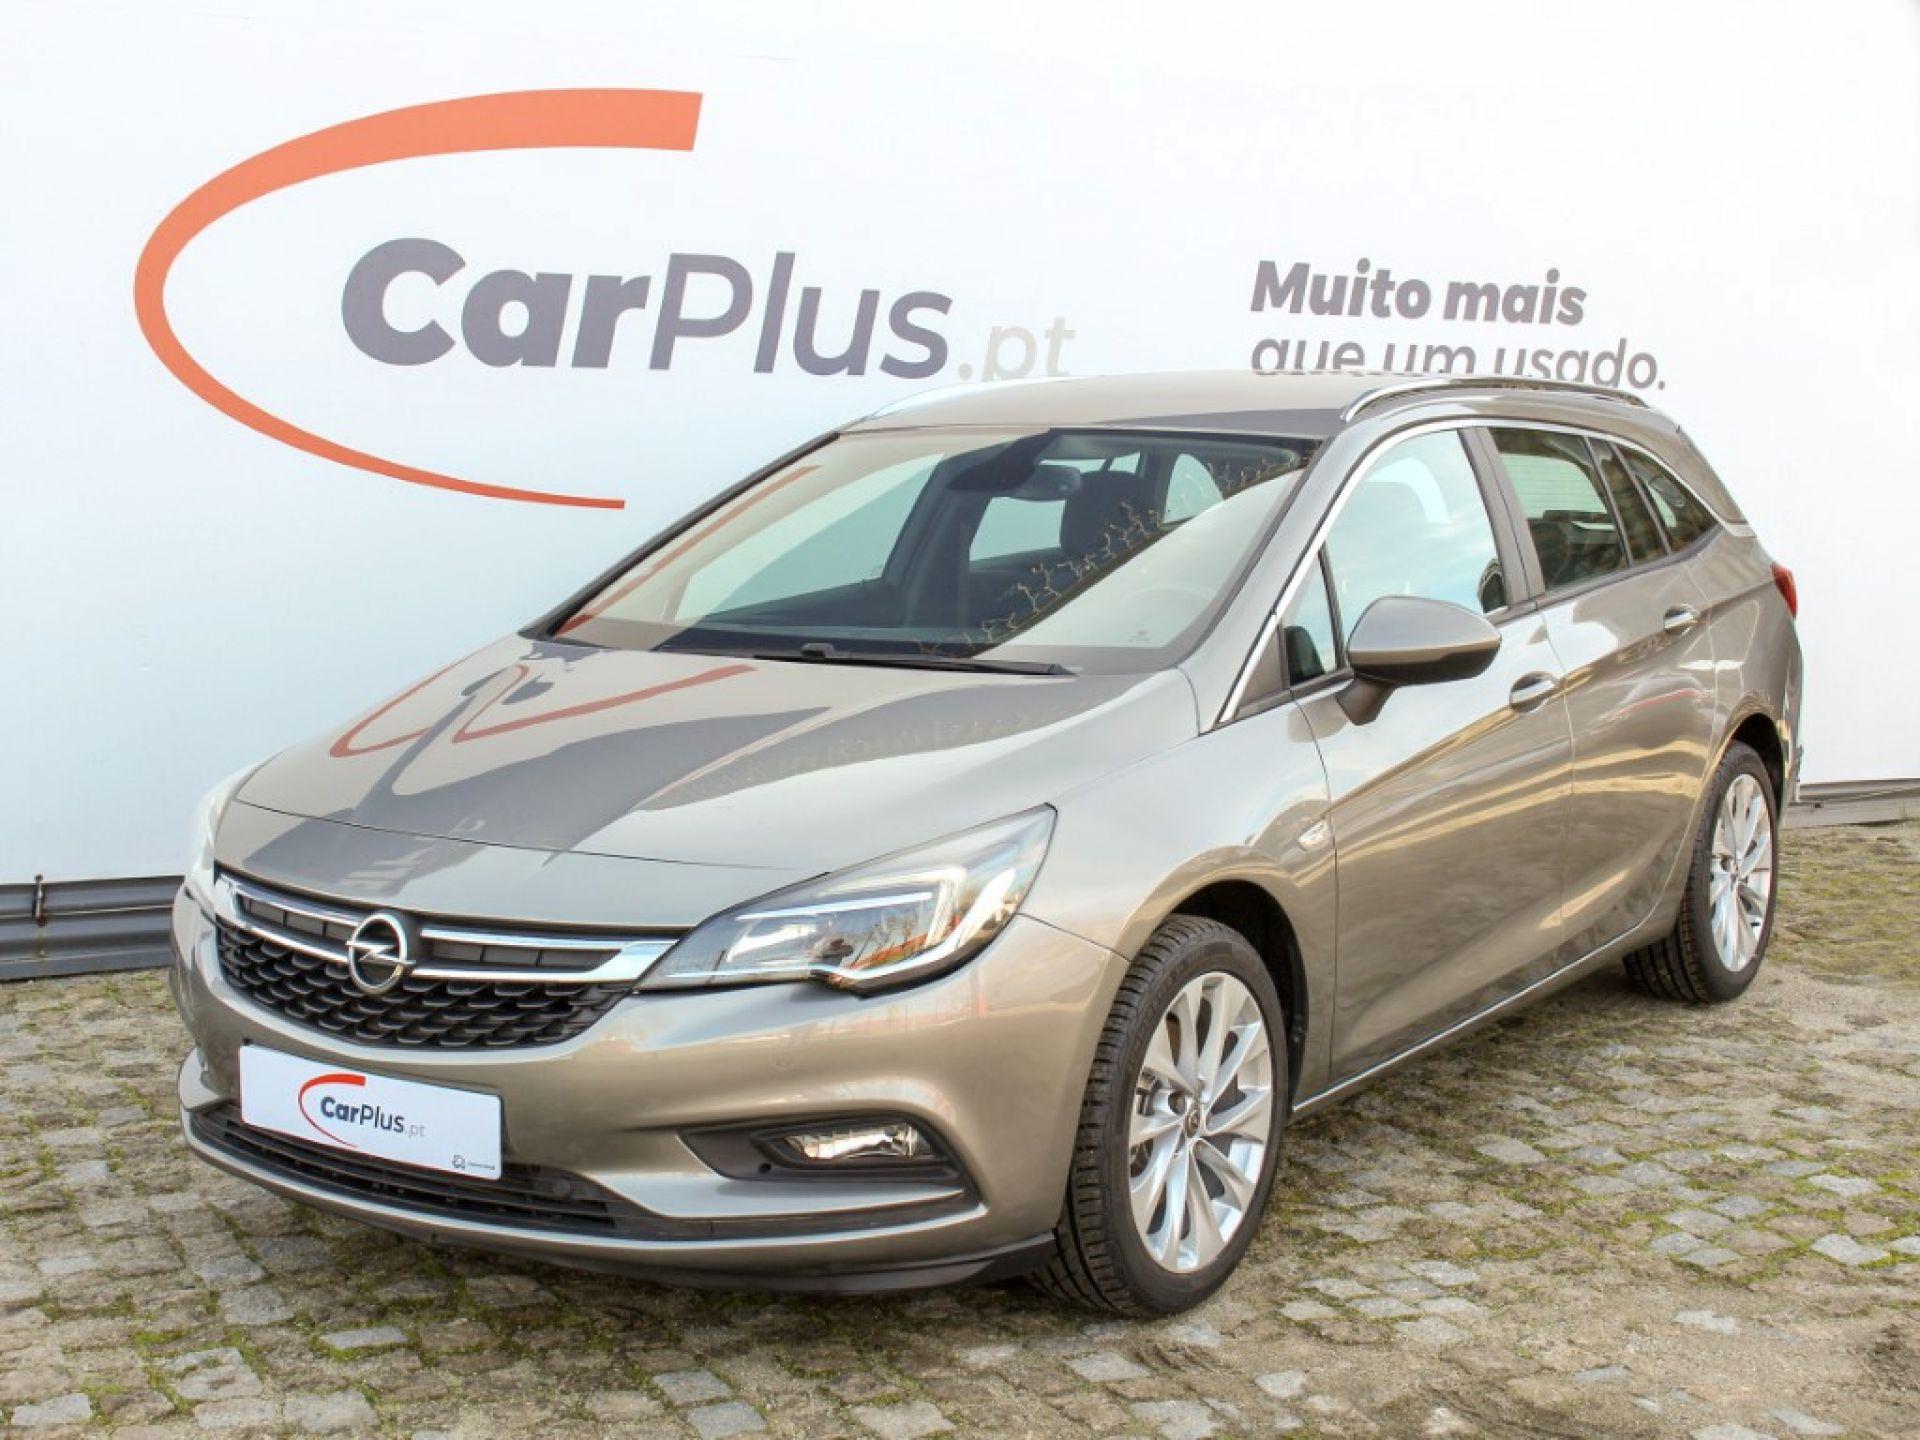 Opel Astra 1.6 CDTI 110HP S/S INNOVATION SP TOURER segunda mão Porto